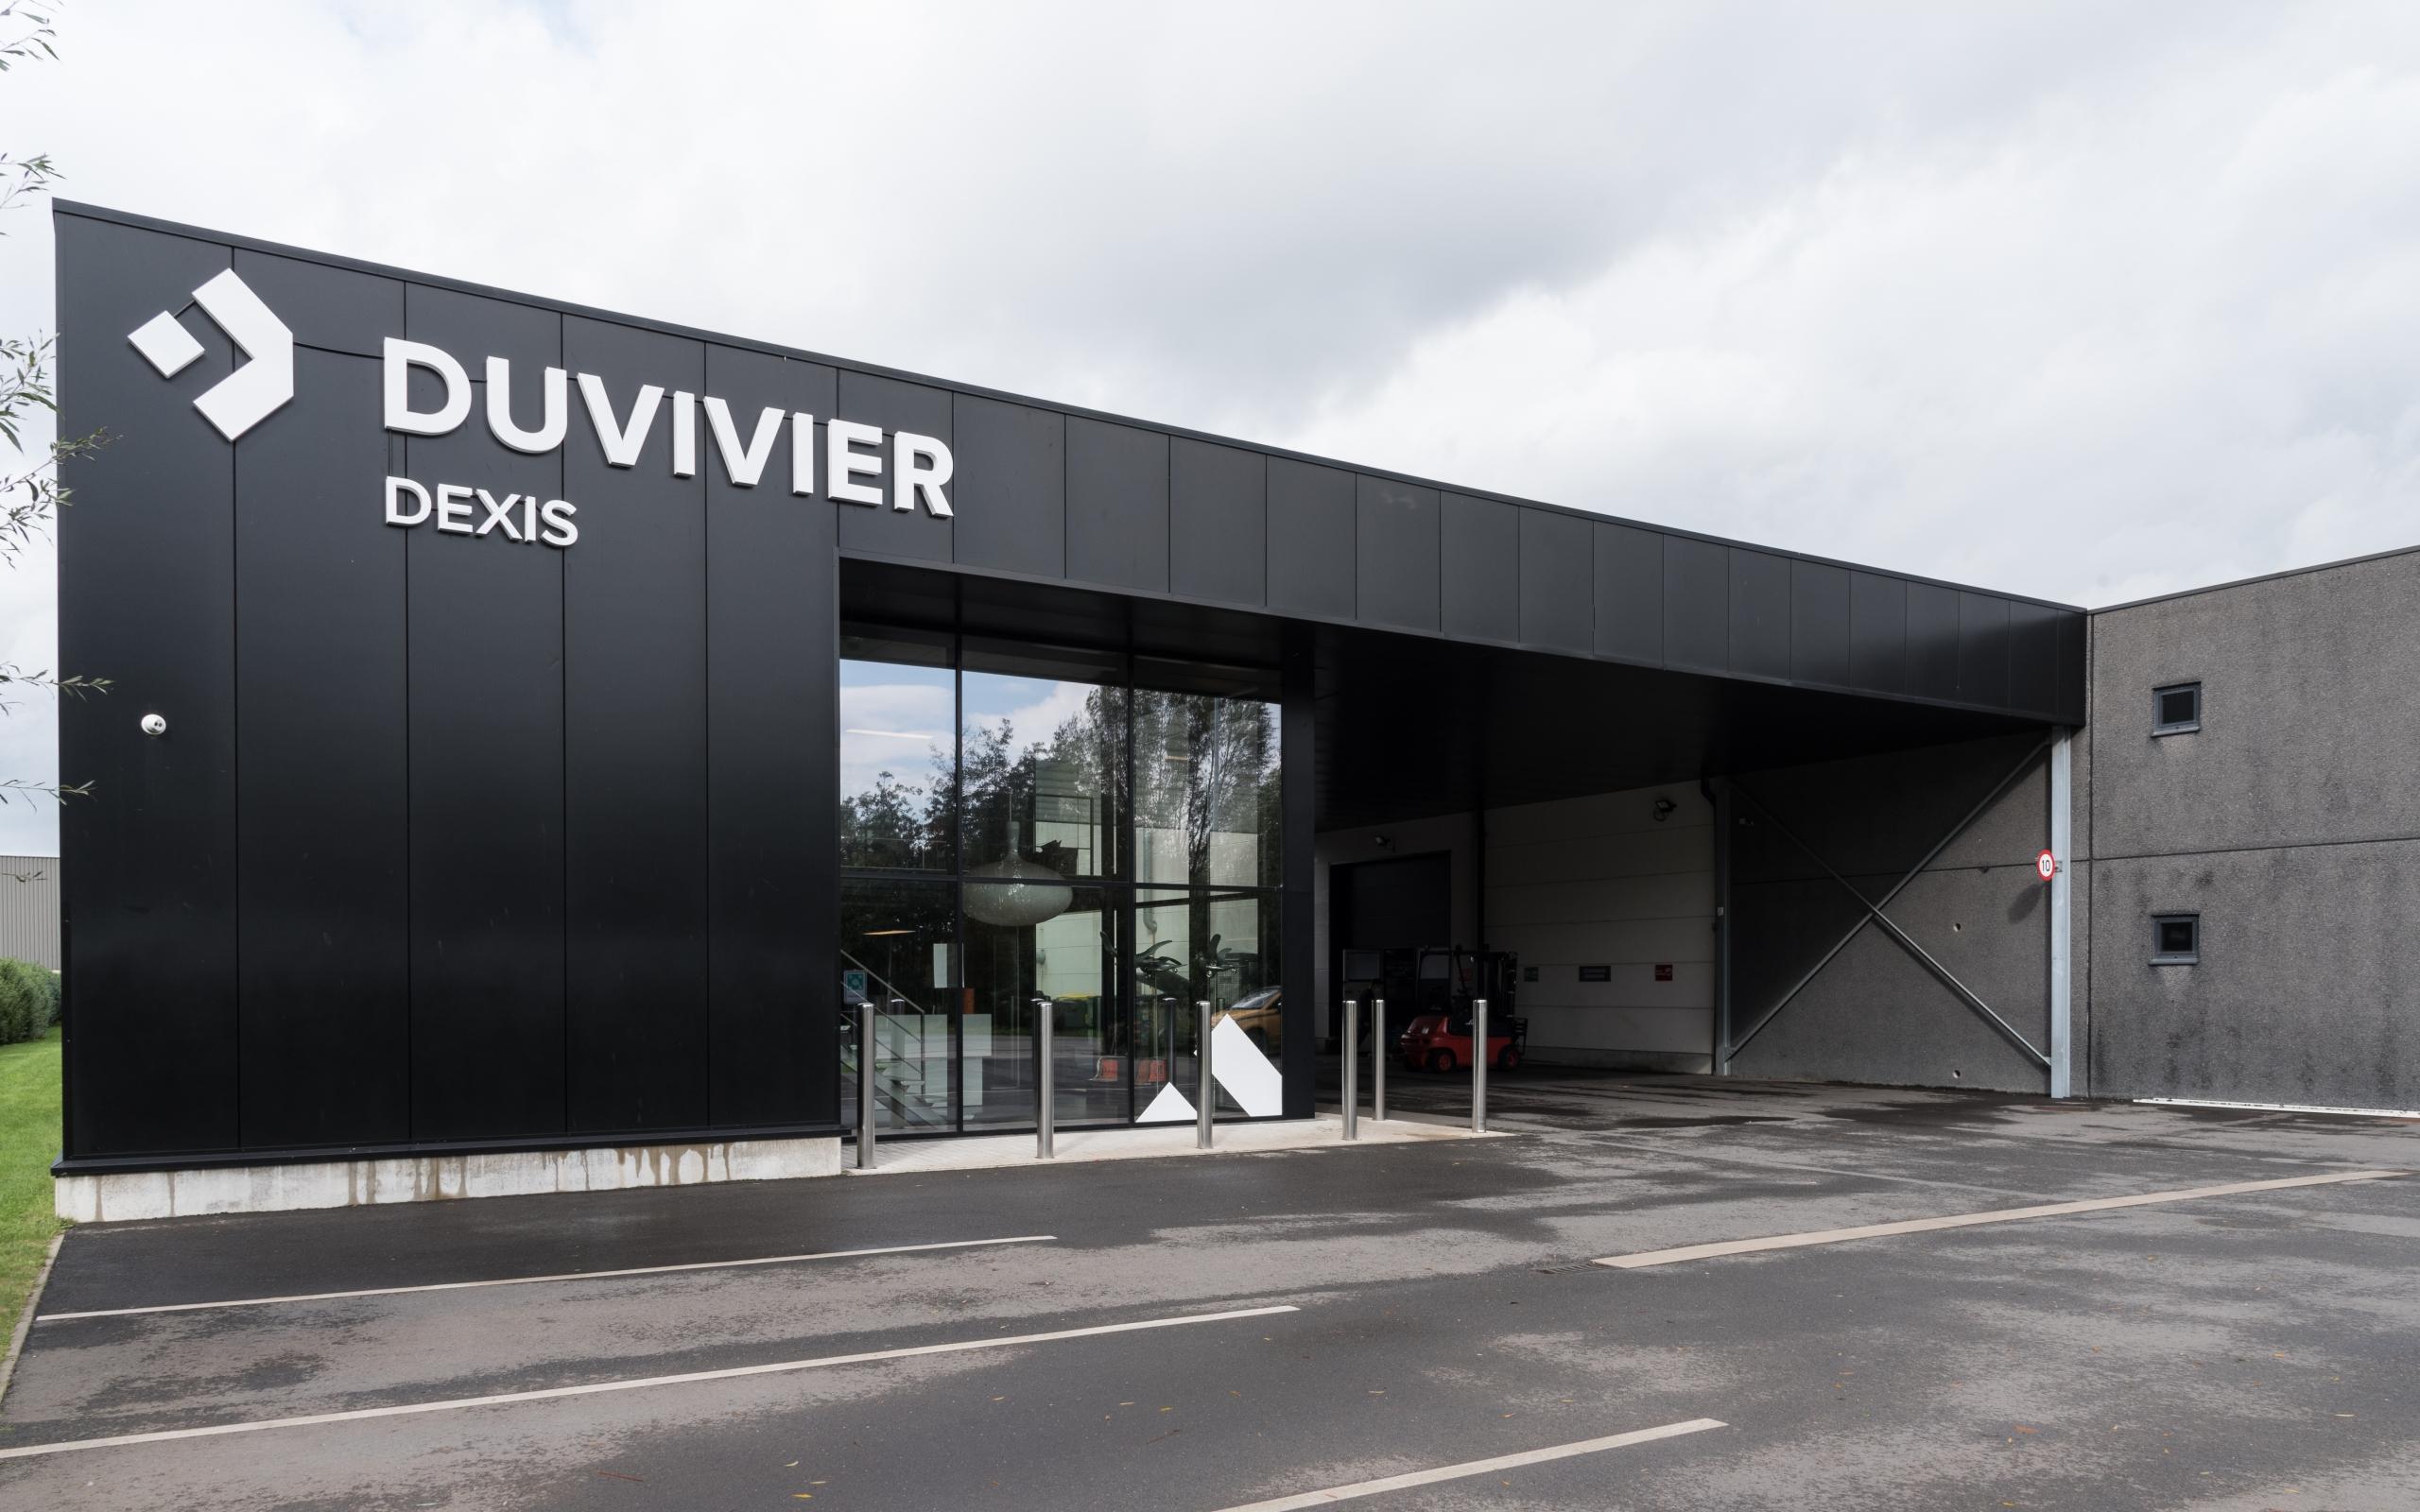 Duvivier Dexis